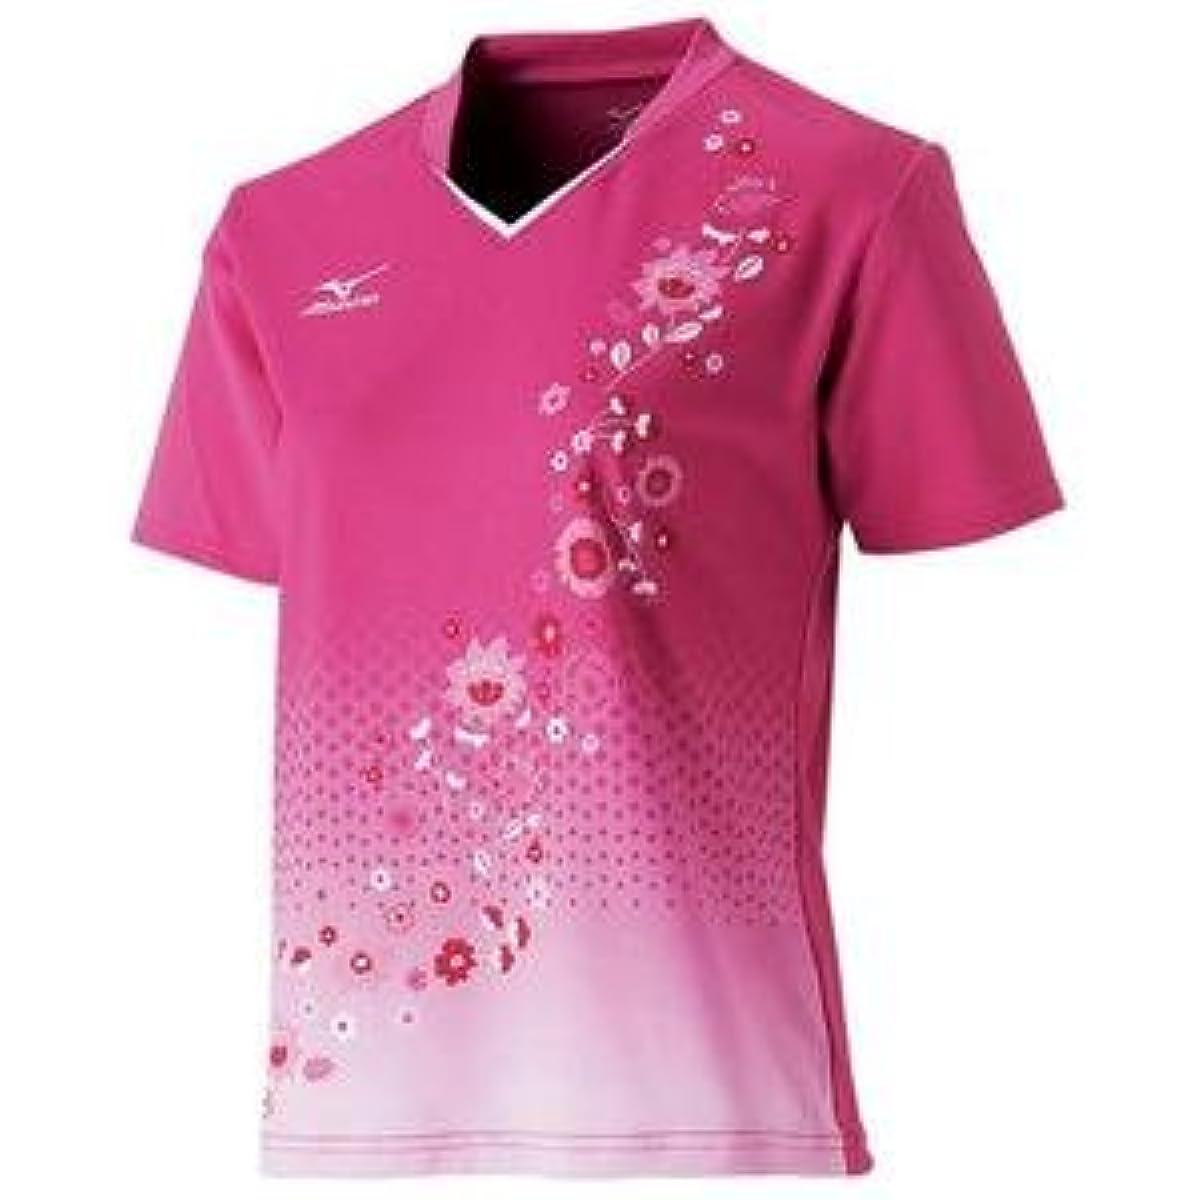 [해외] MIZUNO 게임 셔츠(탁구/레이디스)(베리 핑크) 주문 상품 사이즈:XL